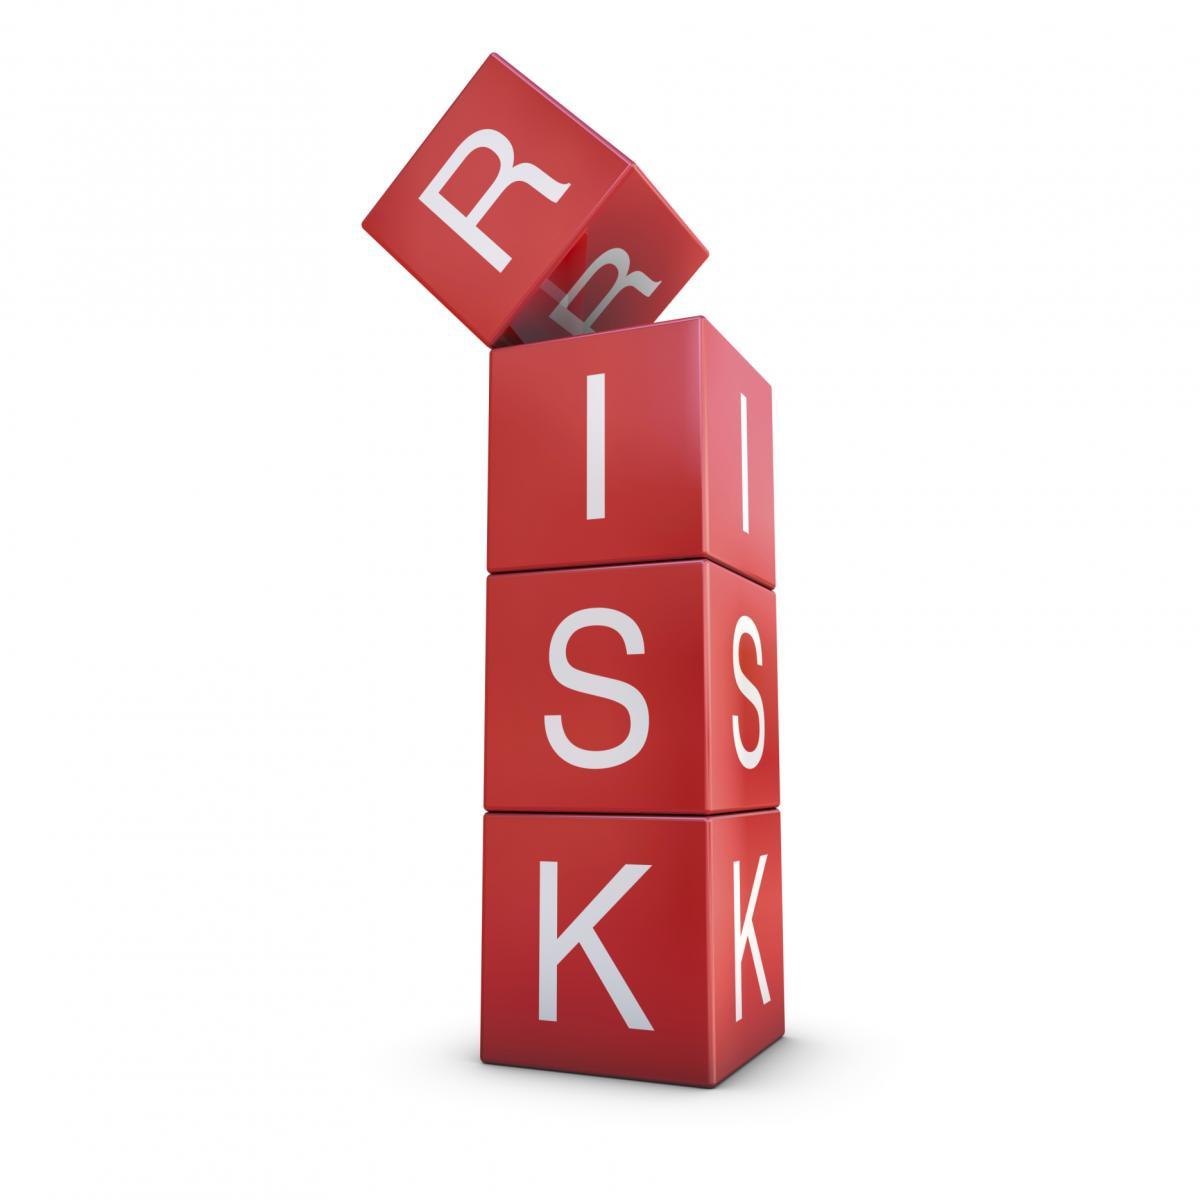 RISK photo.jpg